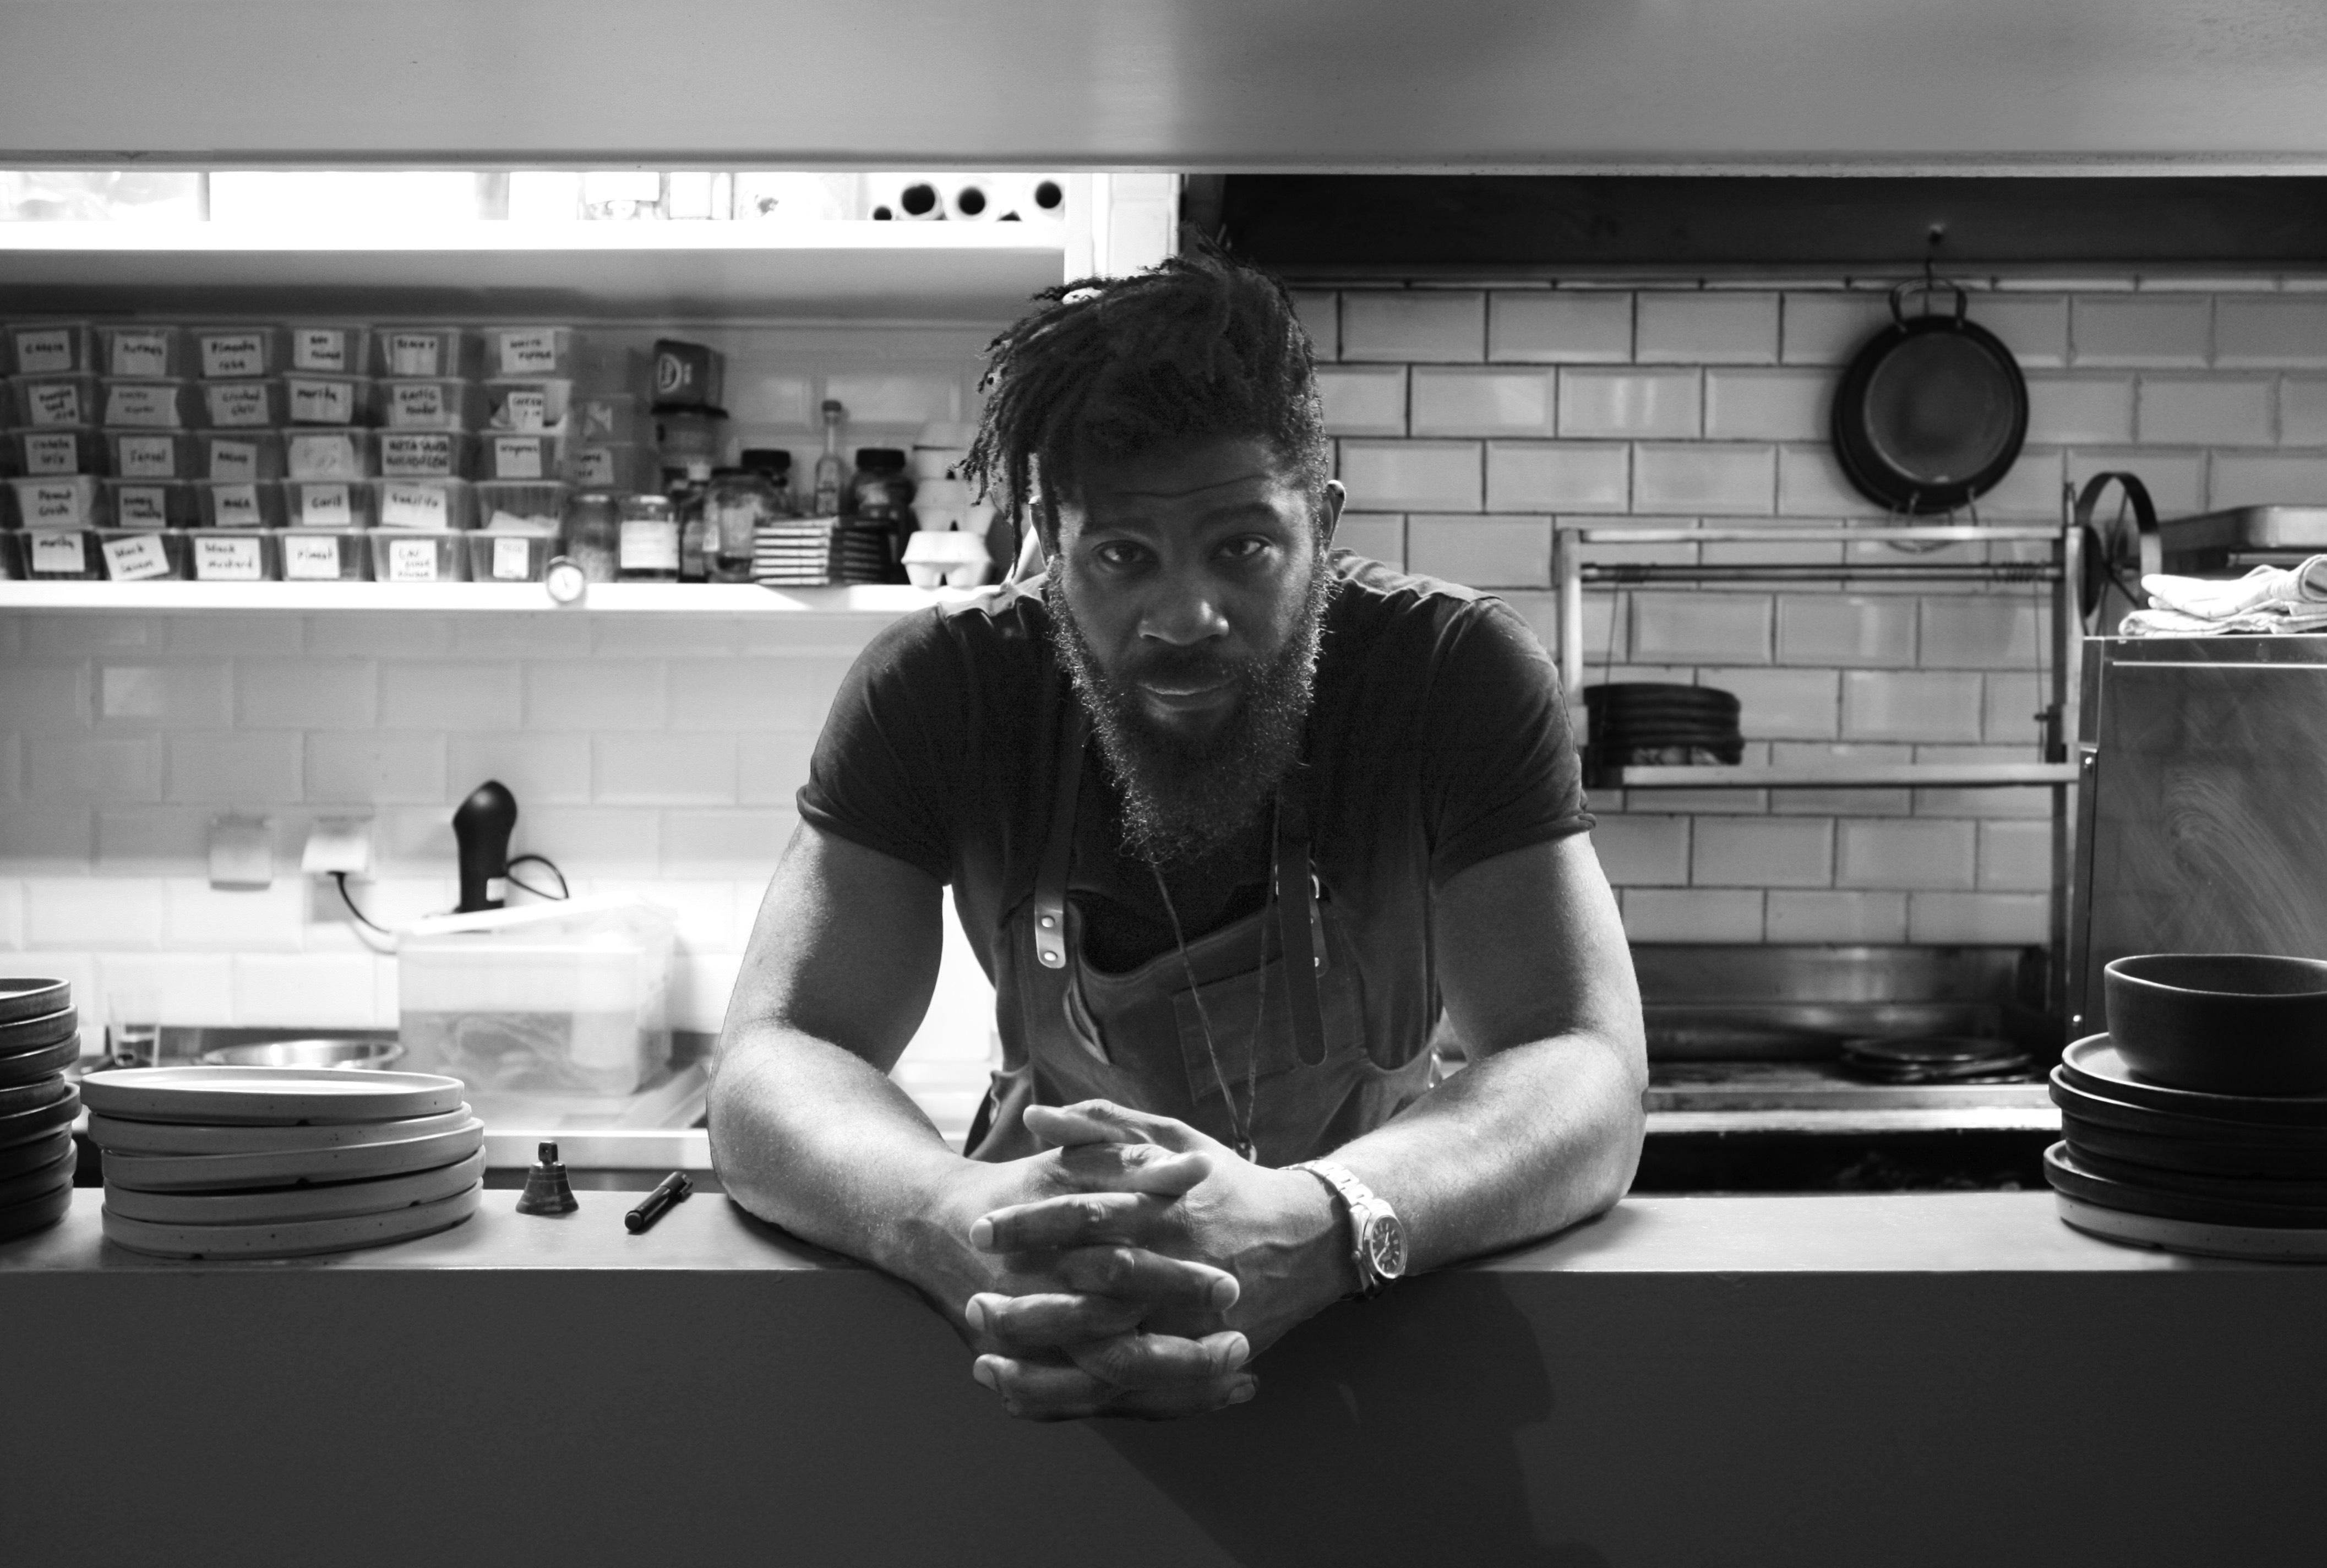 Com descendência nigeriana, Shay Ola é um dos principais nomes da cozinha contemporânea na Europa